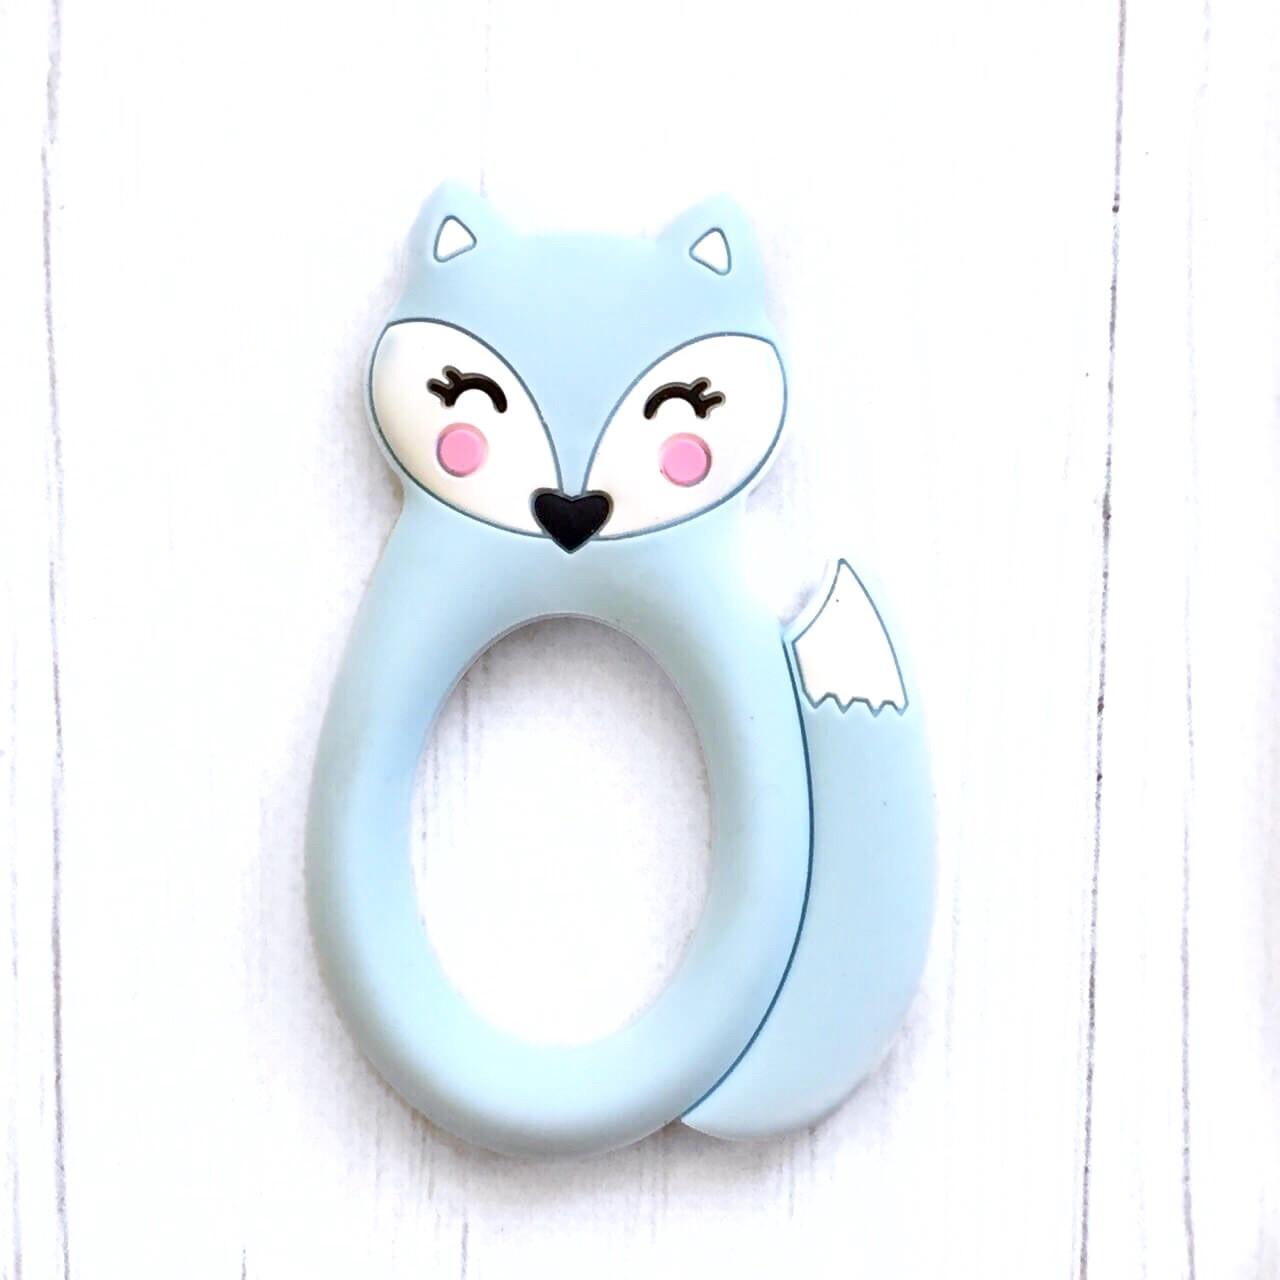 Лисичка круглая (беби блю) прорезыватель для зубов